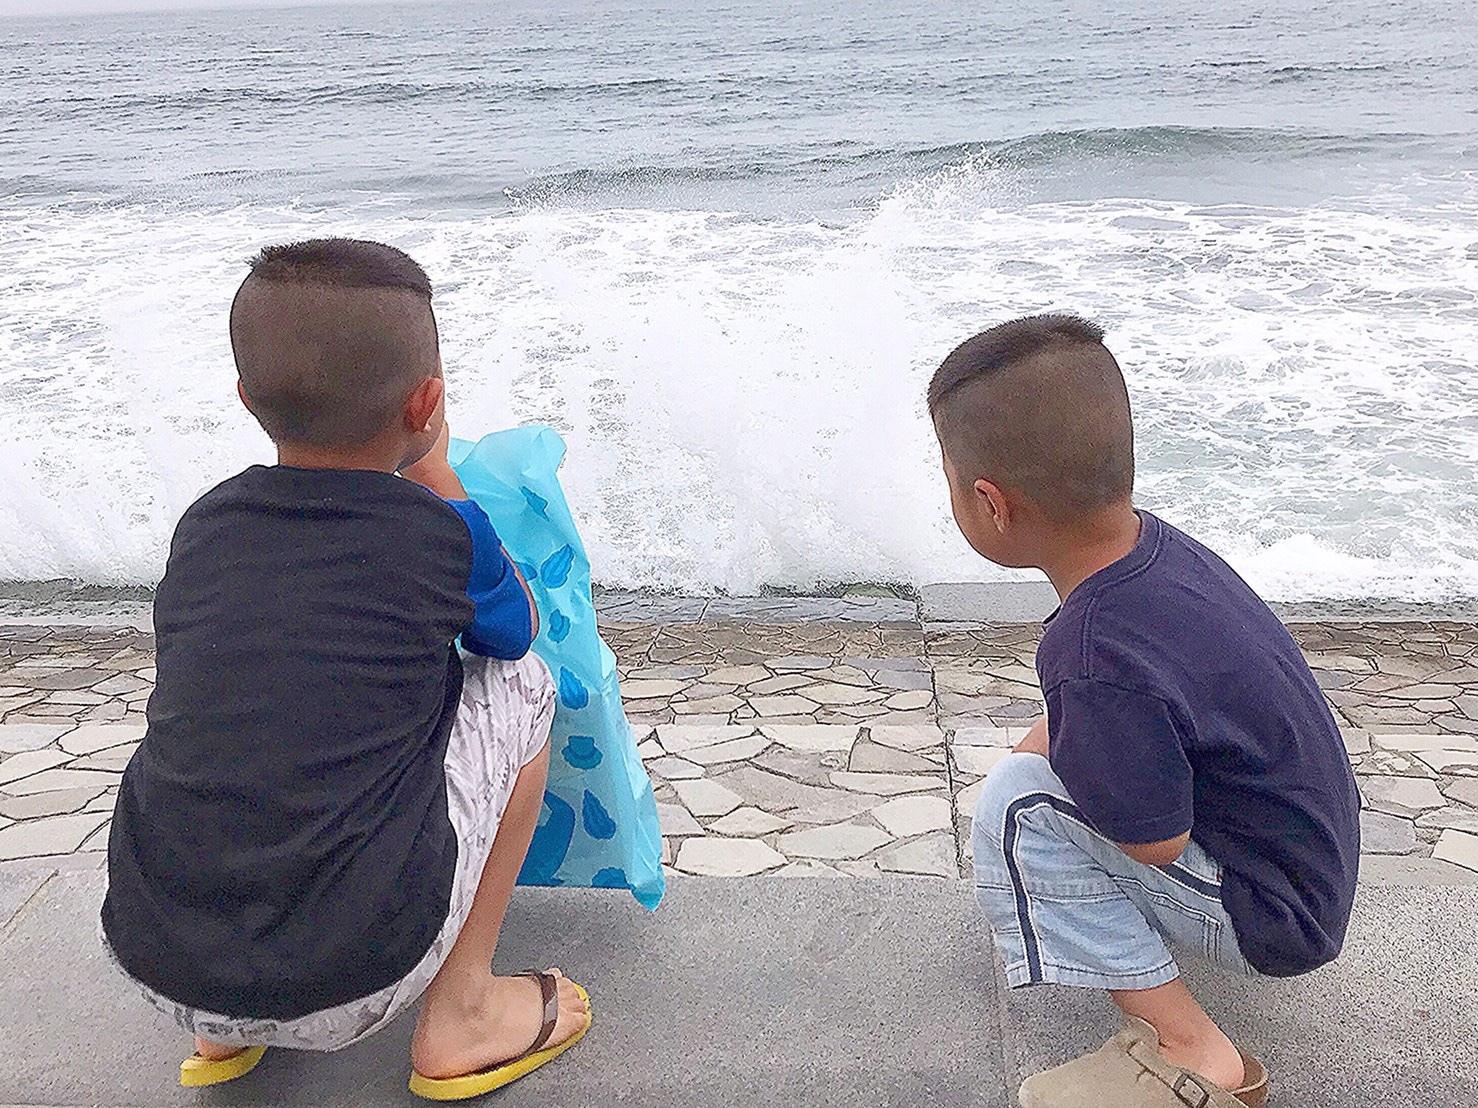 子ども達のモヒカン